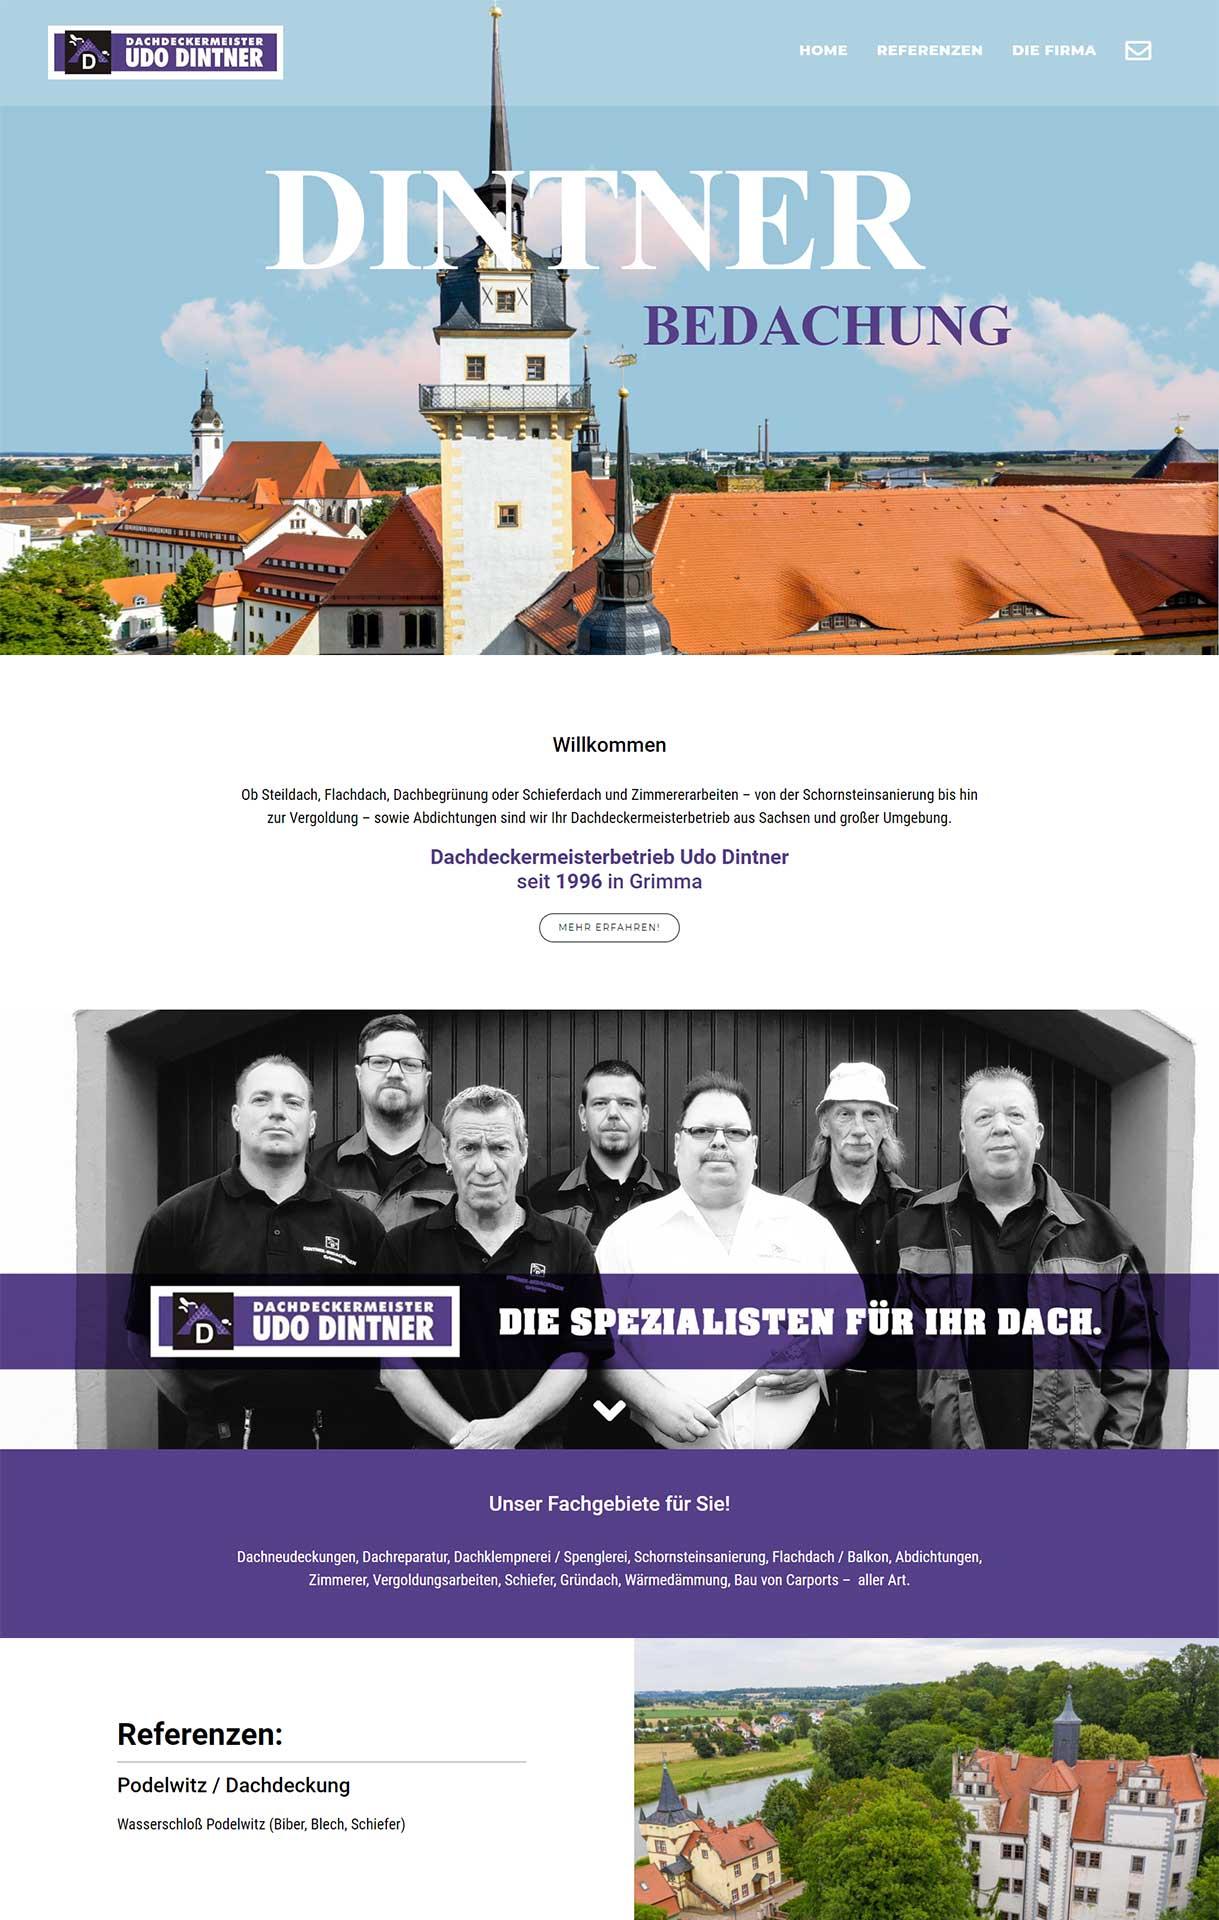 webdesign-flashlightmedia-werbeagentur-leipzig-grimma-startseite-dintner-bedachung-webseite